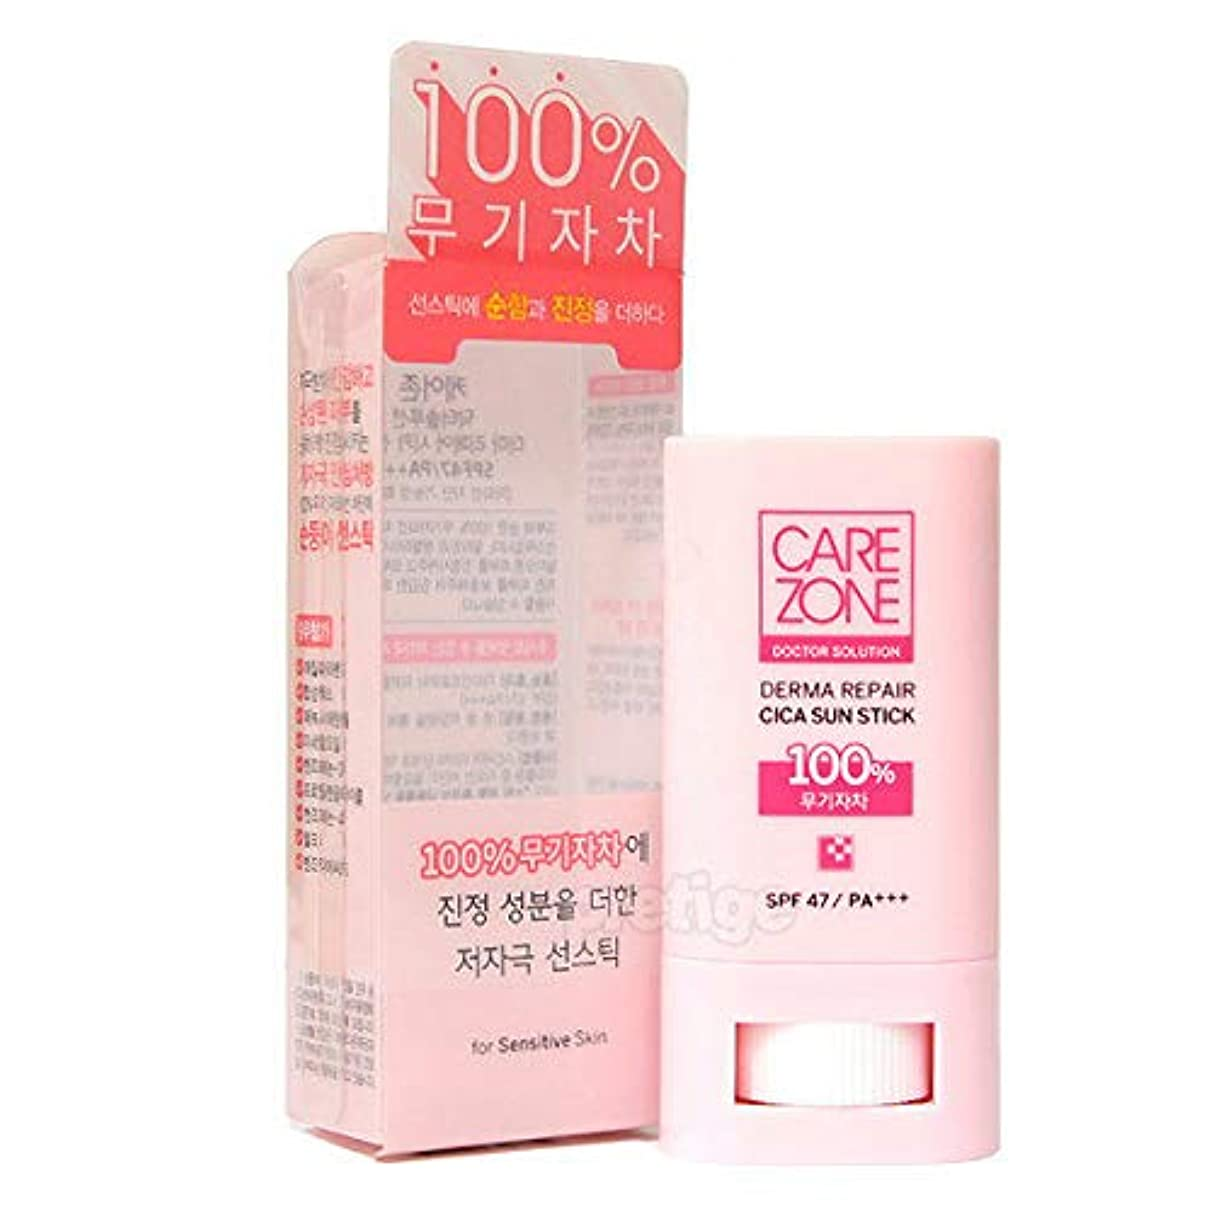 結婚式アクセントアリCAREZONE ケアゾーン Doctor Solution Derma Repair Cica Sun Stick サンスティック (20g) SPF47/PA+++ CARE ZONE